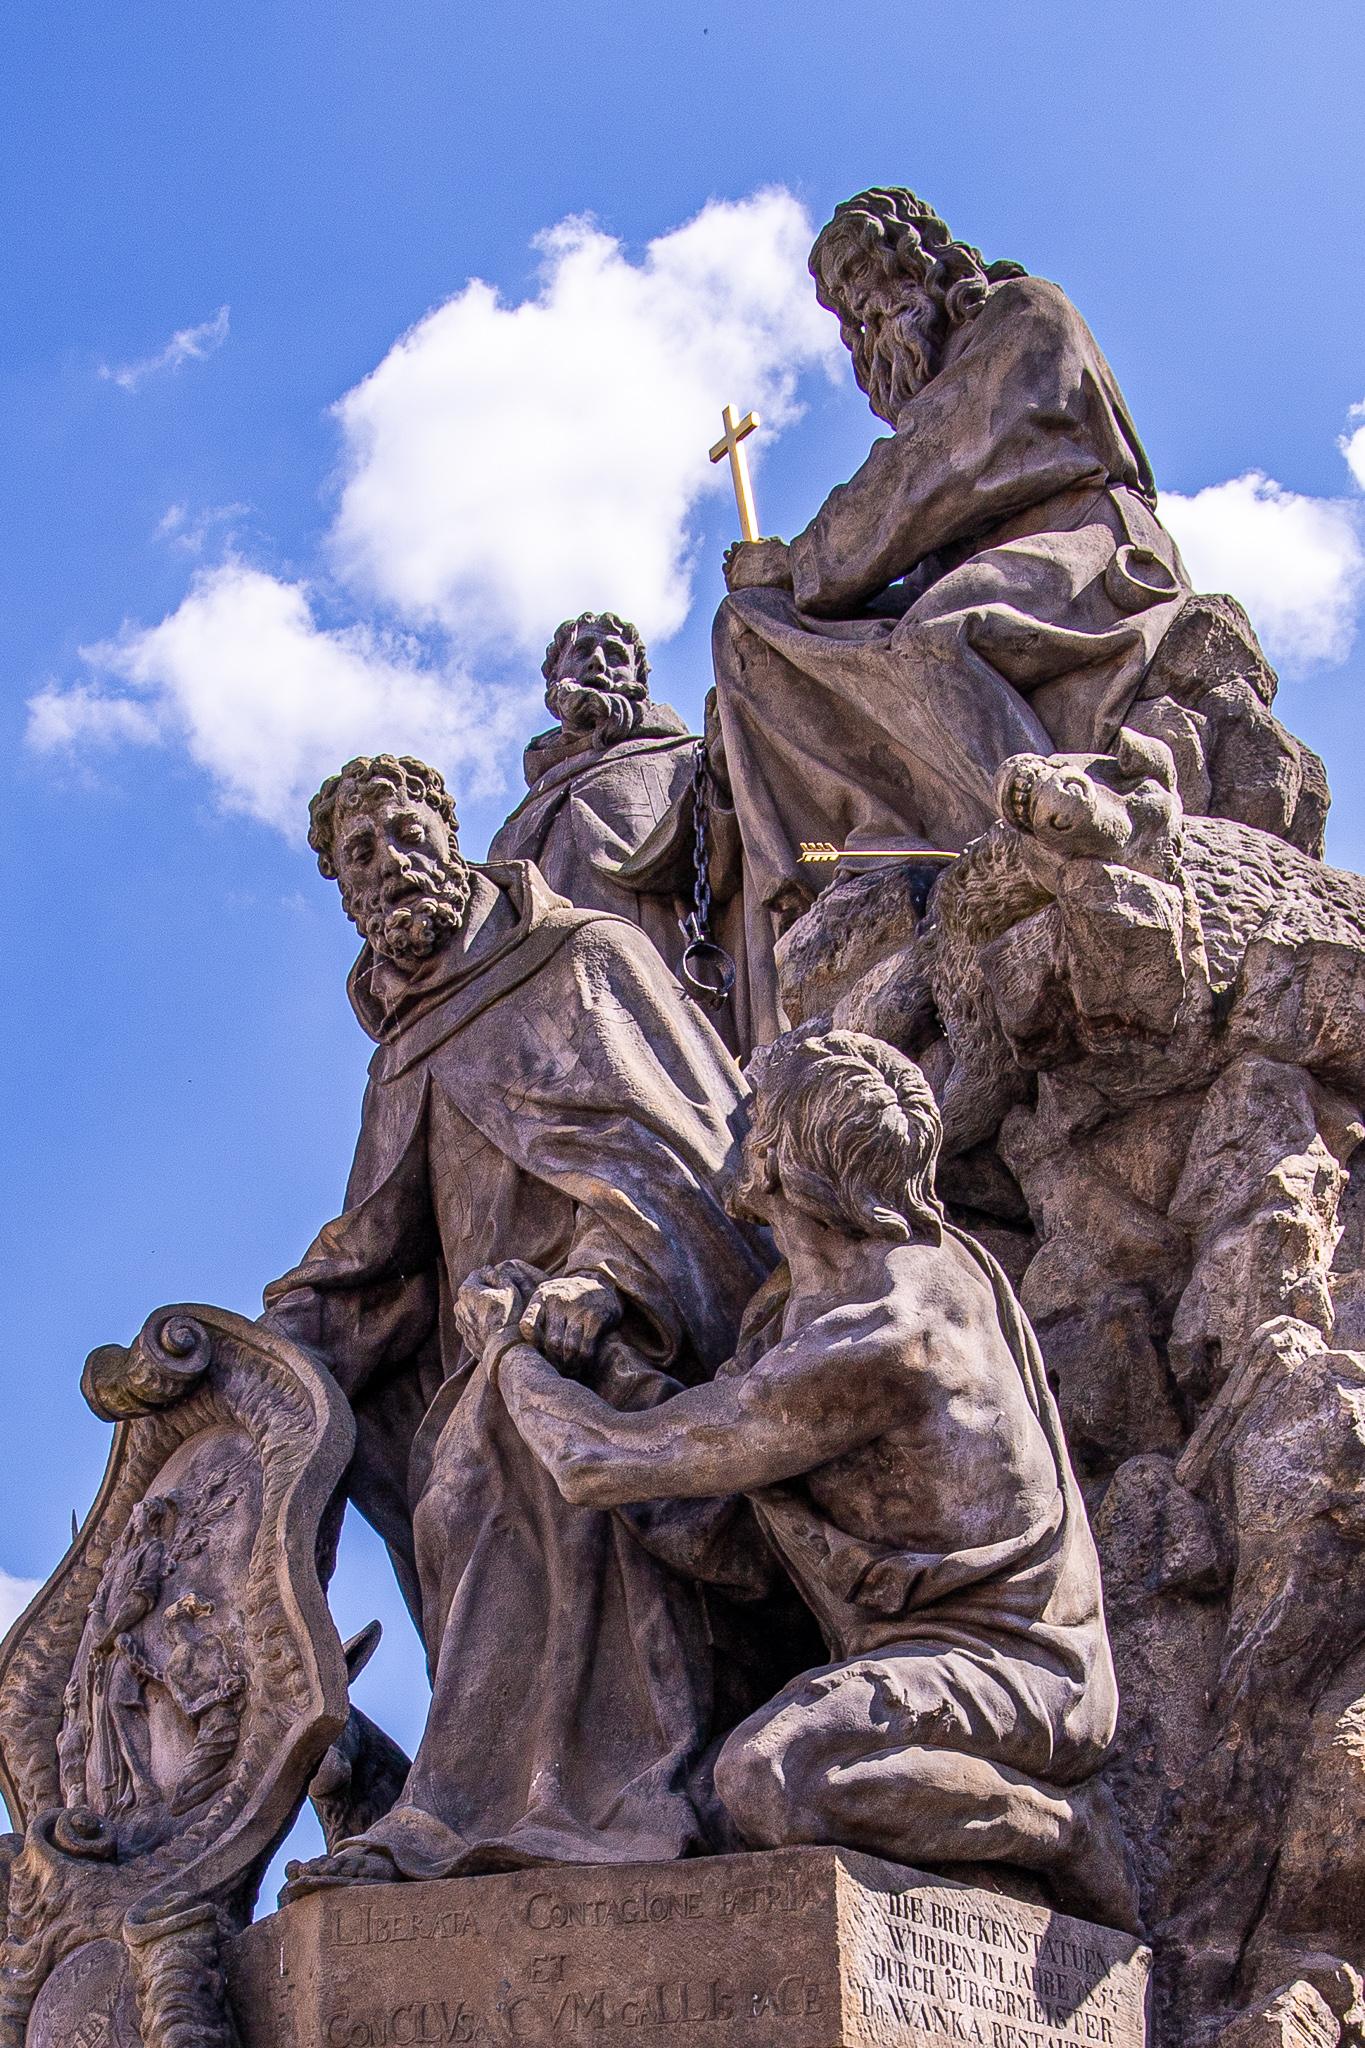 Statuary of St. John of Matha, St. Felix of Valois and St. Ivan